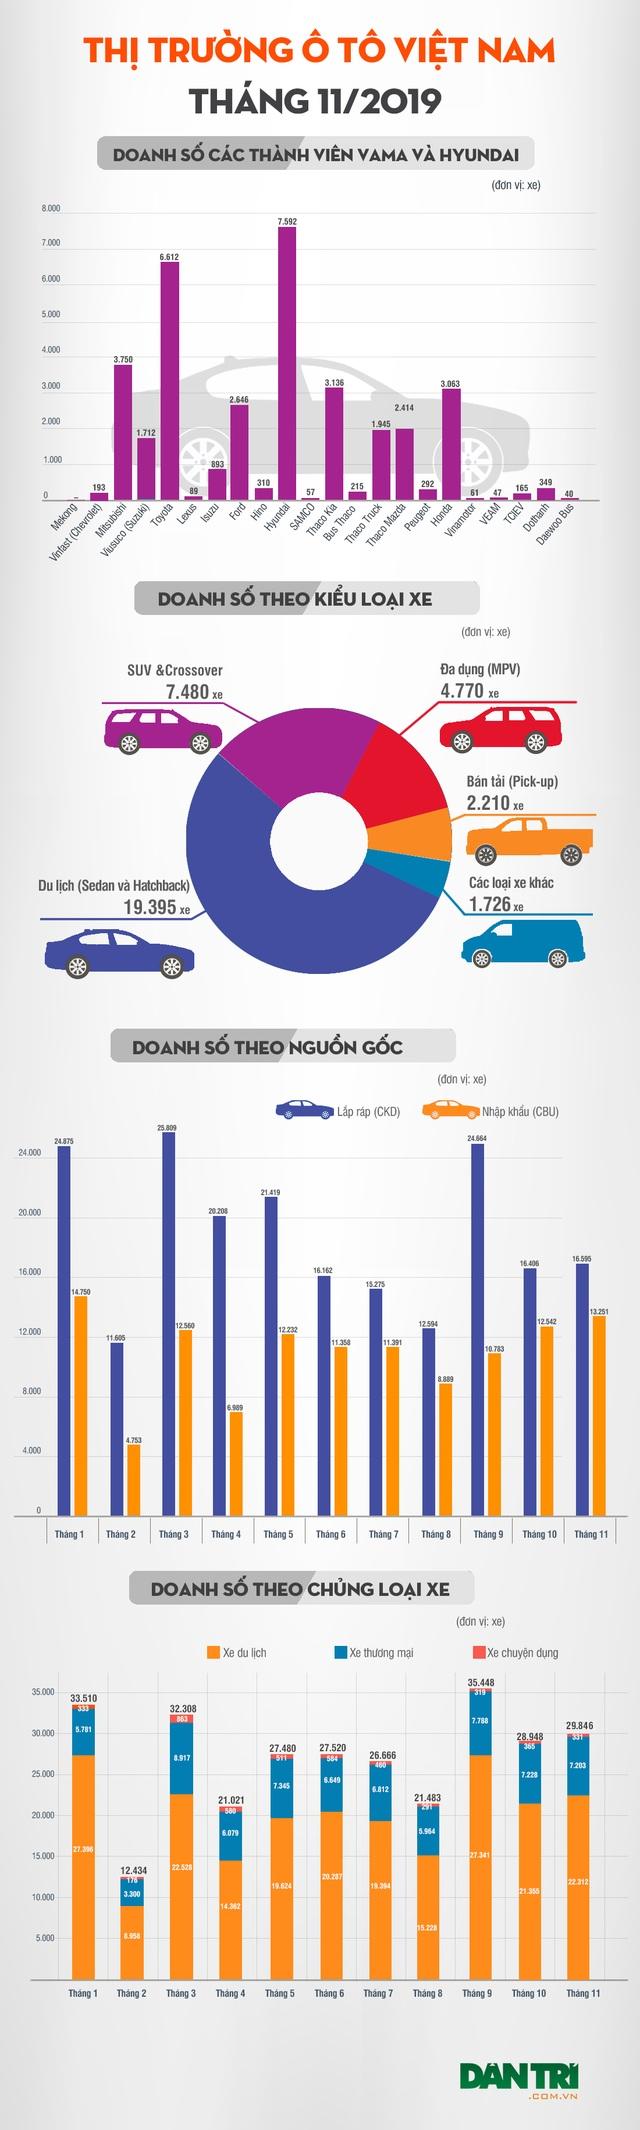 Thương hiệu nào bán nhiều xe nhất tháng 11/2019? - 5